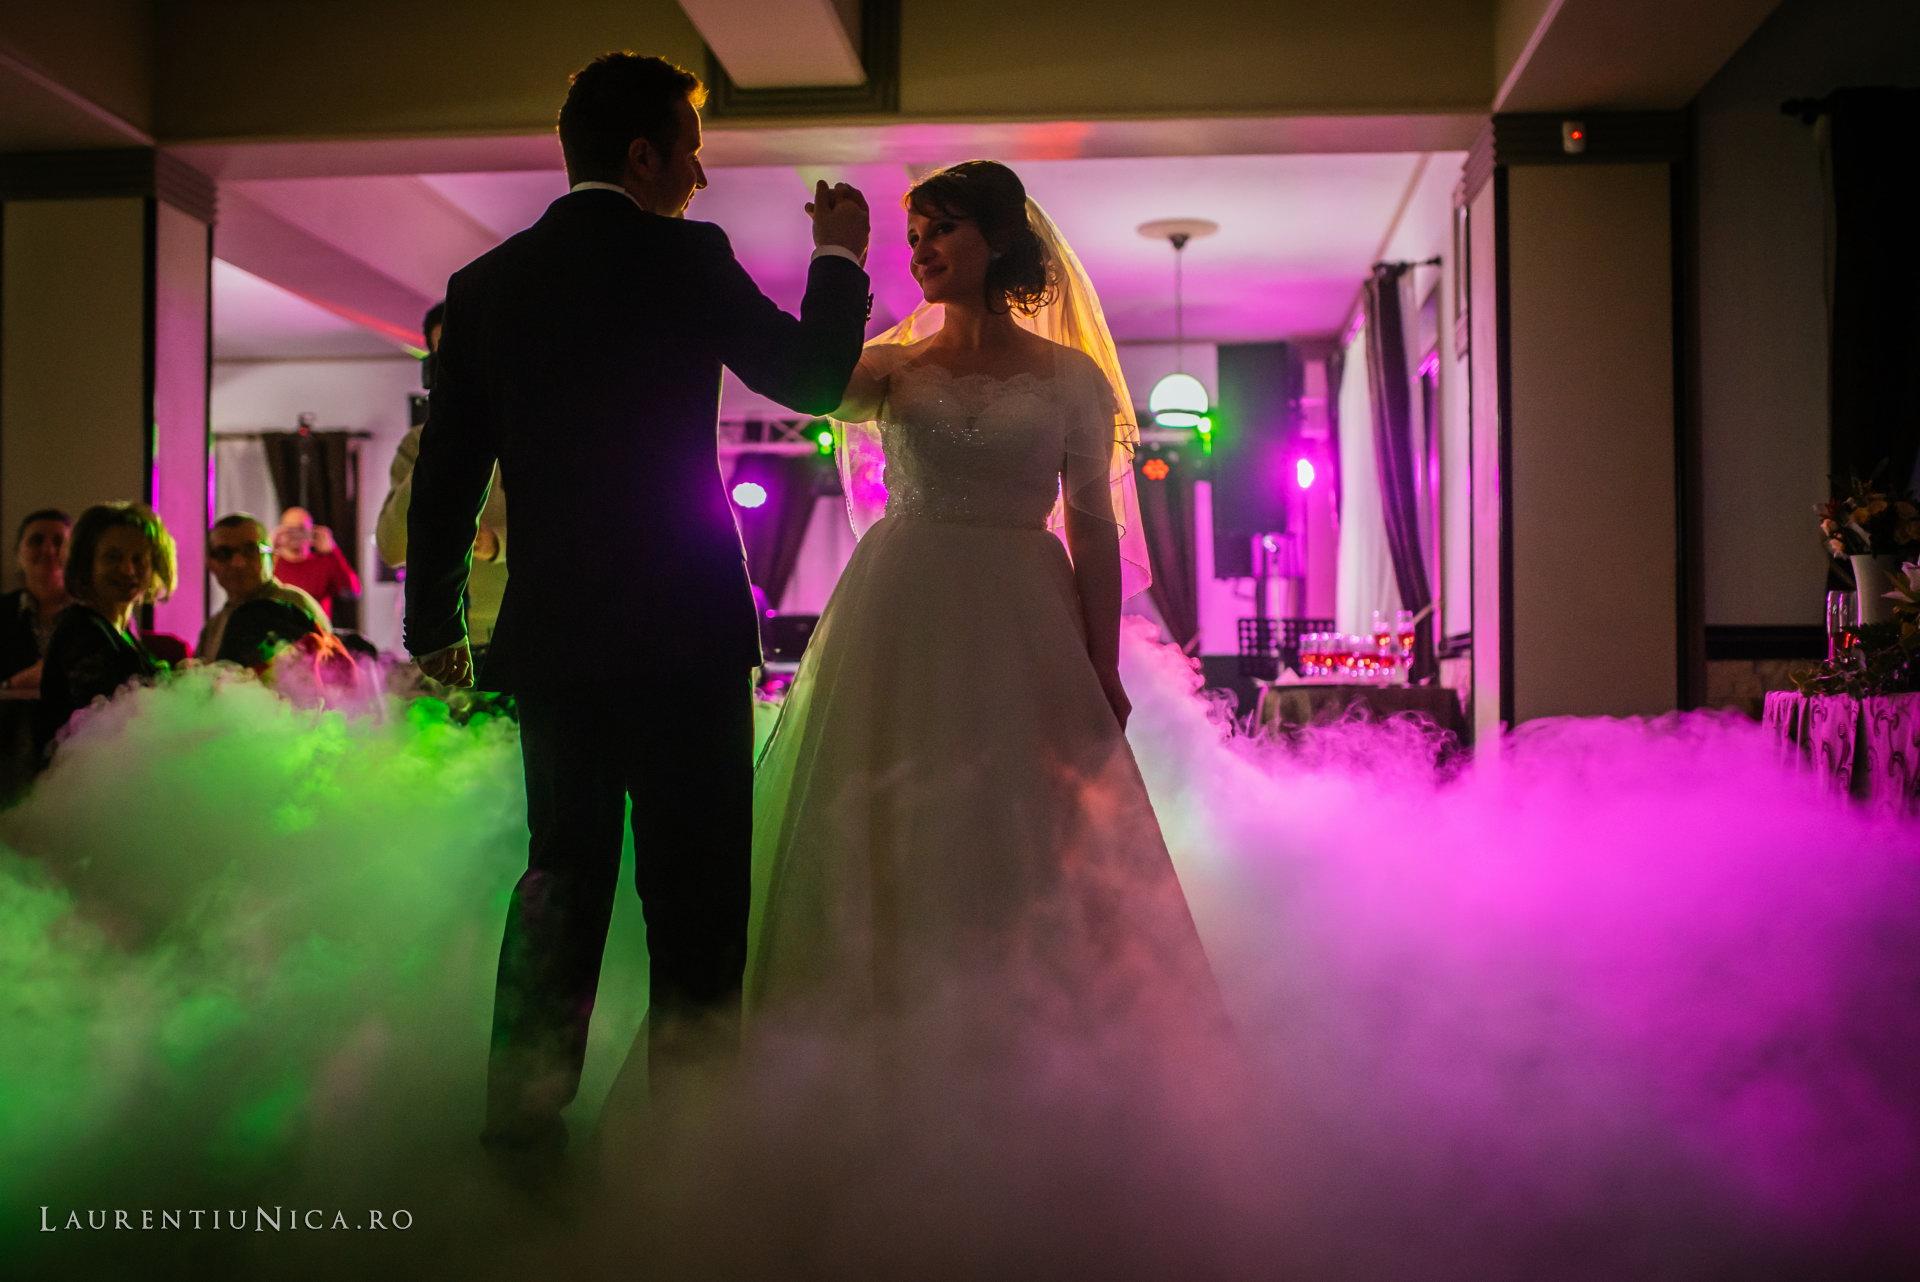 daniela si marius fotografii nunta craiova laurentiu nica46 - Daniela & Marius | Fotografii nunta